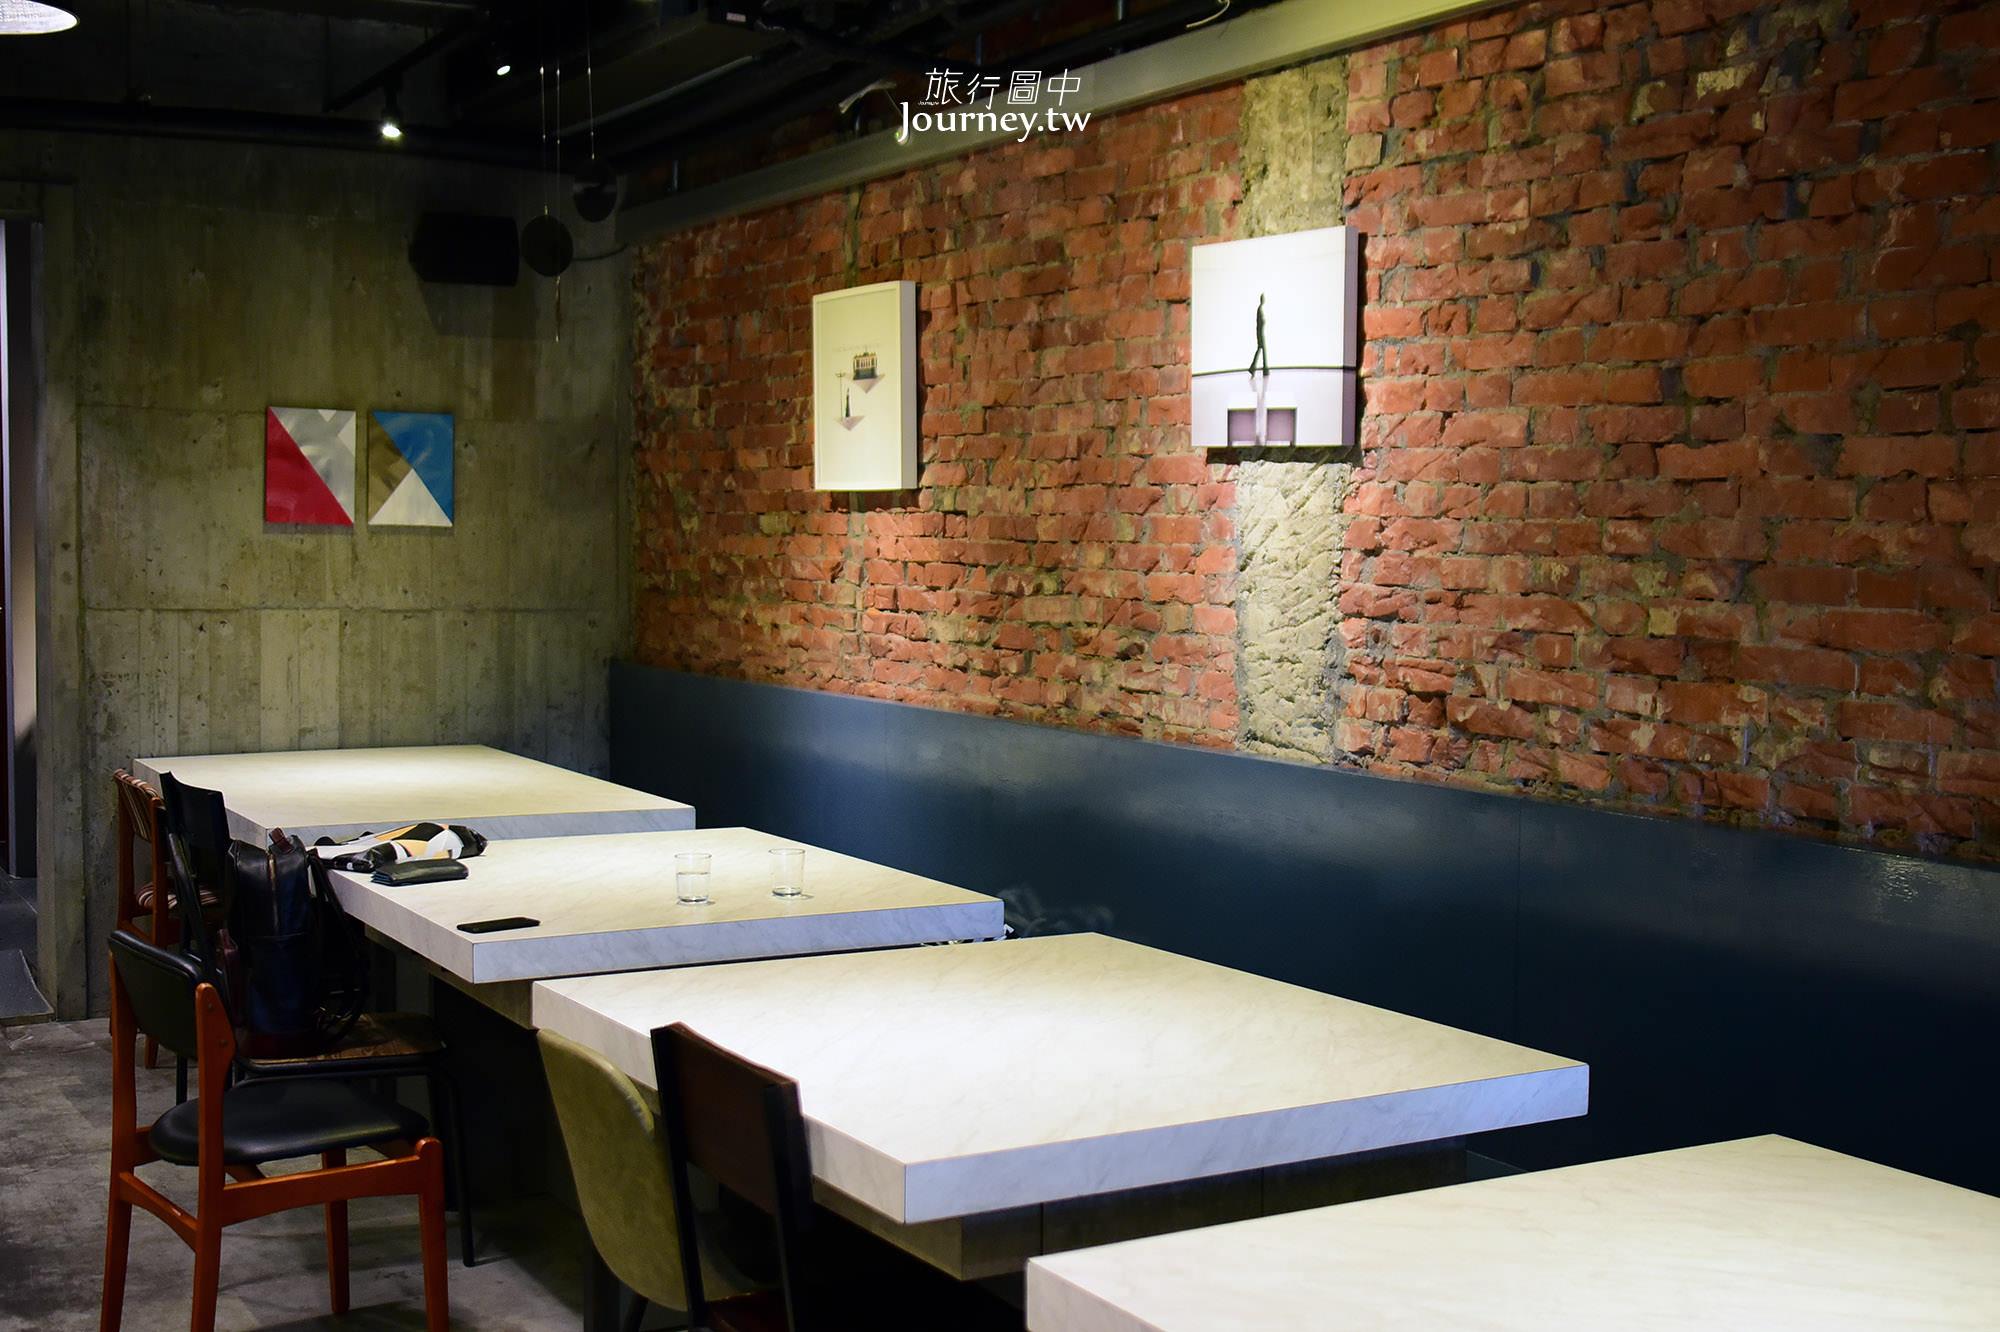 台中早午餐,一中街早午餐,一中街美食,台中美食,台中餐廳,台中火鍋店,首禾 SOHO